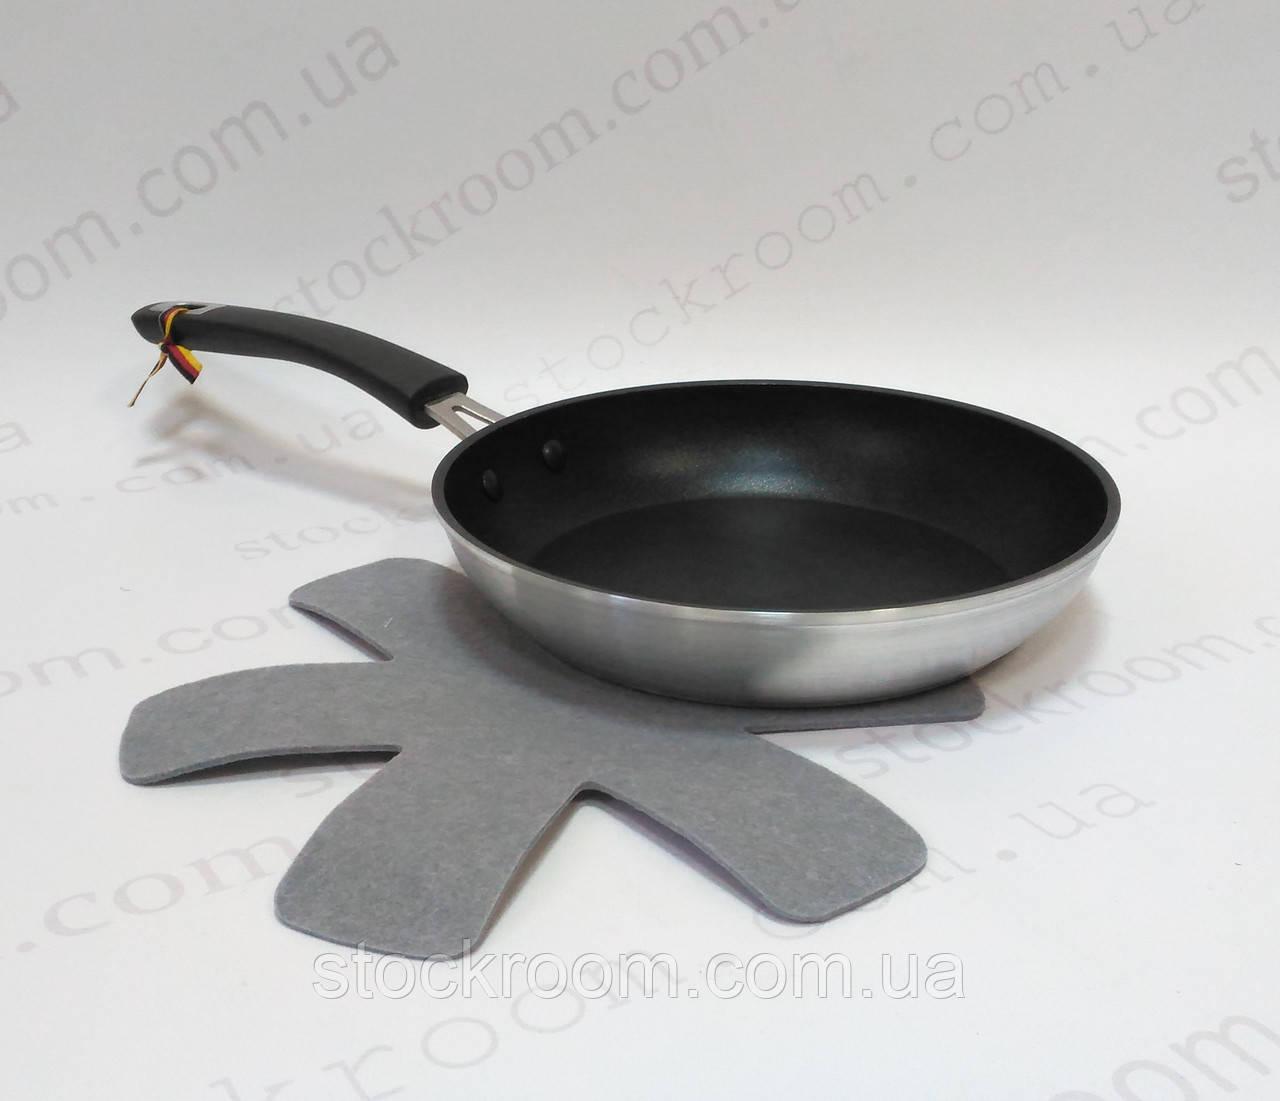 Сковорода Krauff 25-45-079 Ø 28 см с антипригарным покрытием Profi